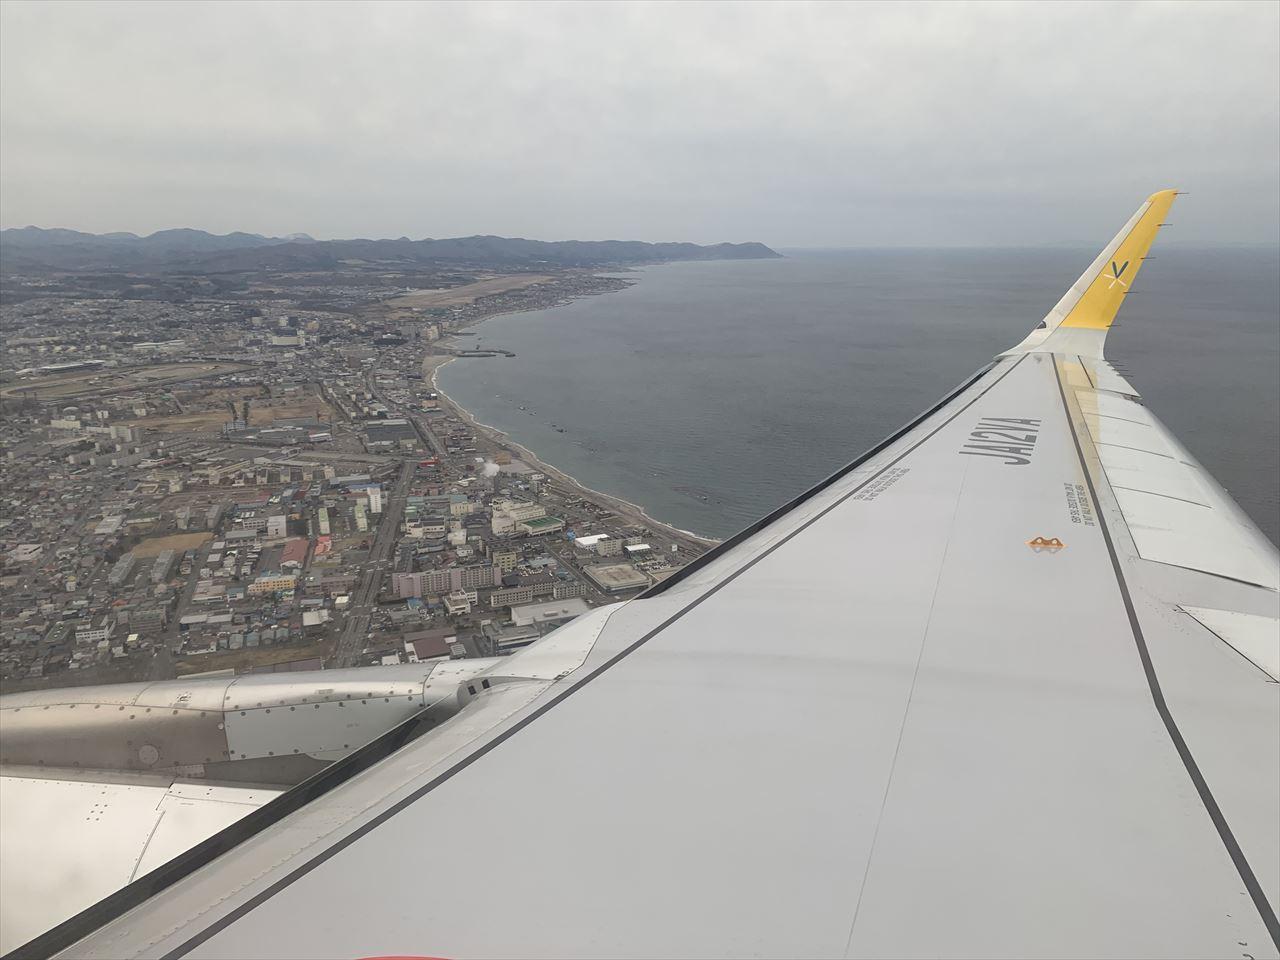 JW953便 函館にまもなく到着